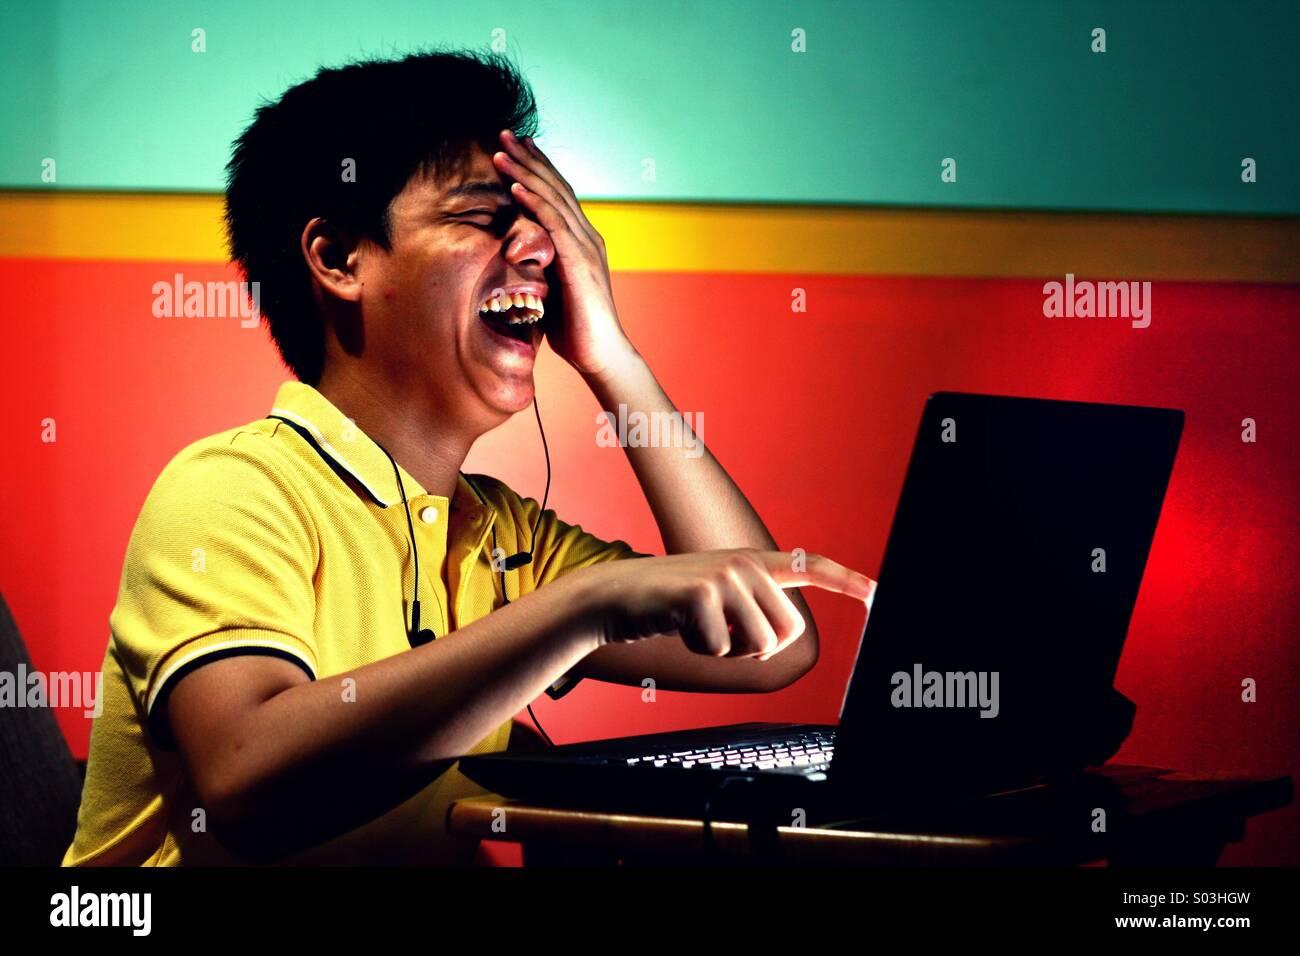 Asiatische Teenager Boy arbeiten oder studieren auf einem Laptopcomputer und stark lachen Stockfoto